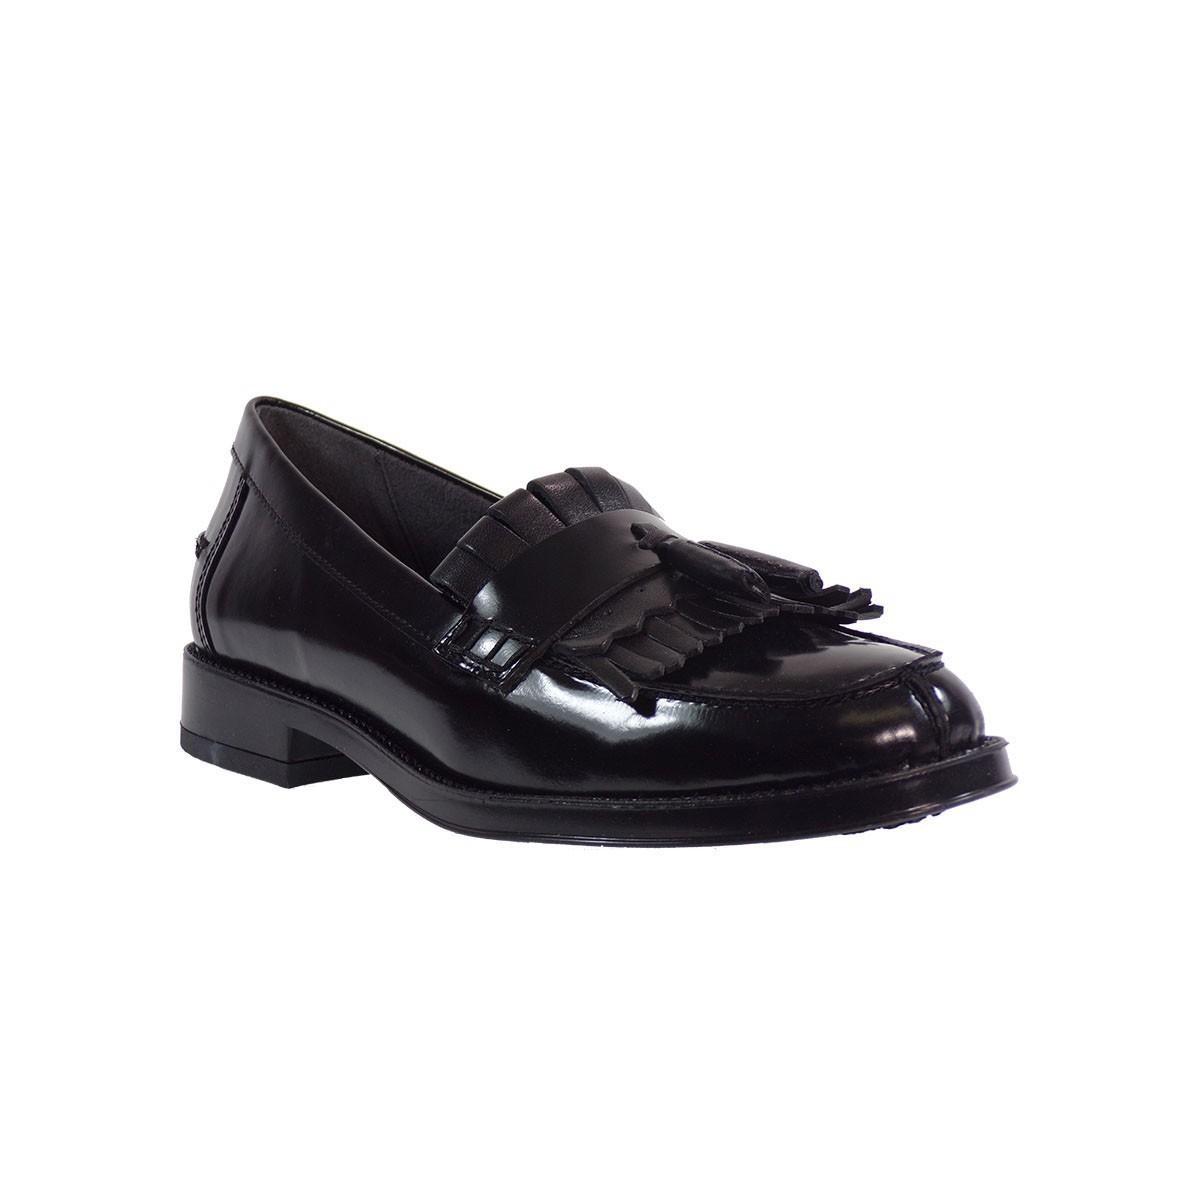 e382e5a99af Aerosoles Shoes Γυναικεία Παπούτσια 86827070 Mαύρο Δέρμα |Γυναικεία &  Ανδρικά Παπούτσια - BagiotaShoes.gr